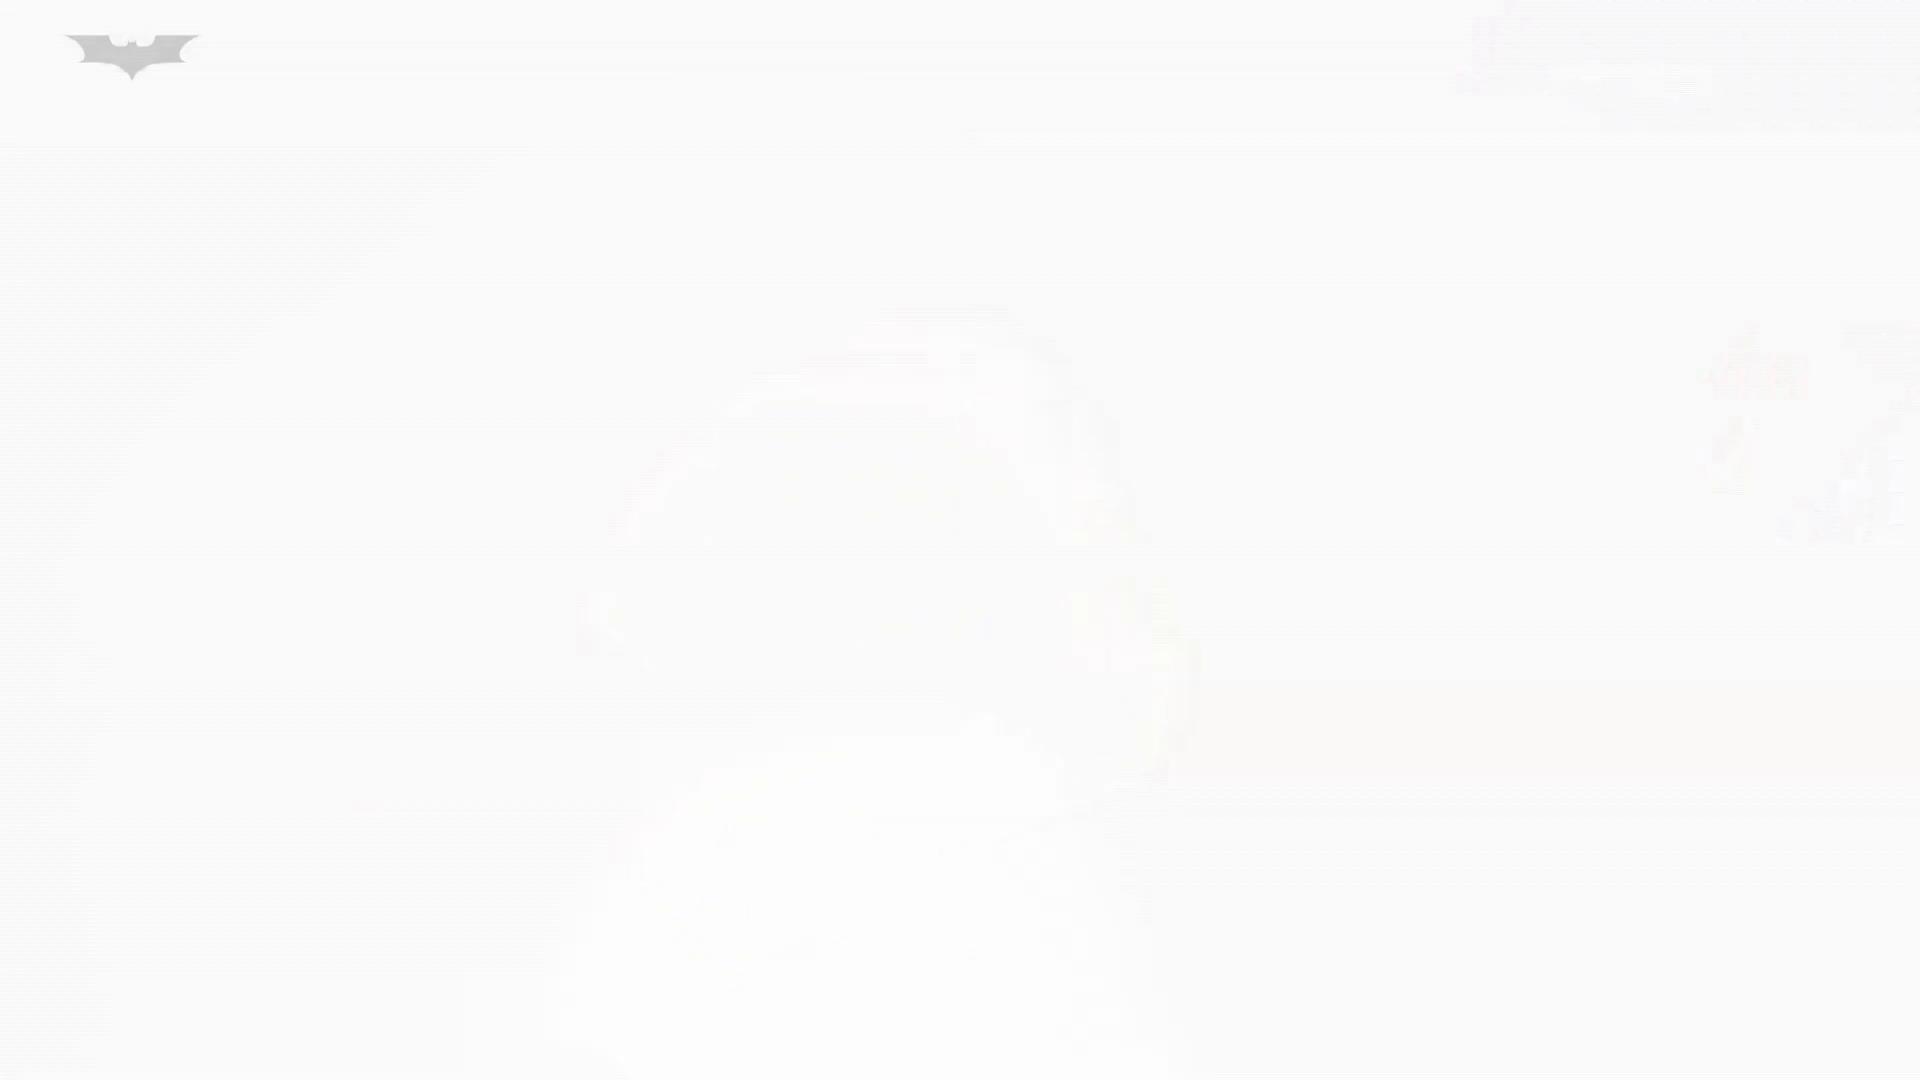 和式洋式七変化 Vol.32 綺麗な子連続登場 和式 のぞきエロ無料画像 83連発 41